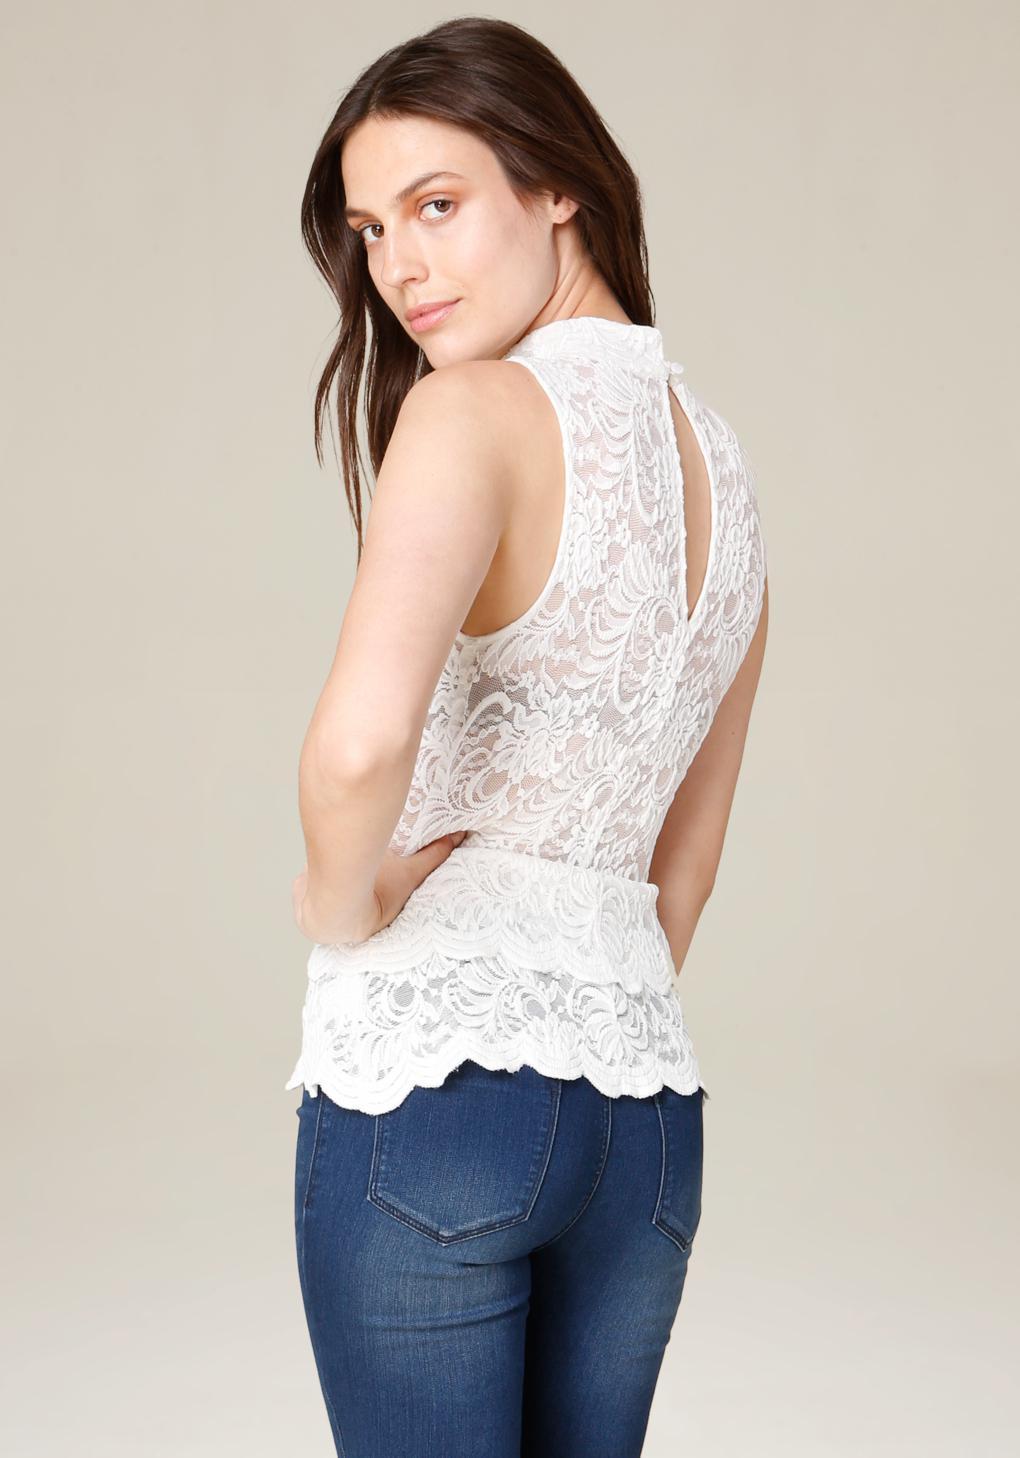 b2476dea7460d1 Lyst - Bebe Lace Mock Neck Peplum Top in White